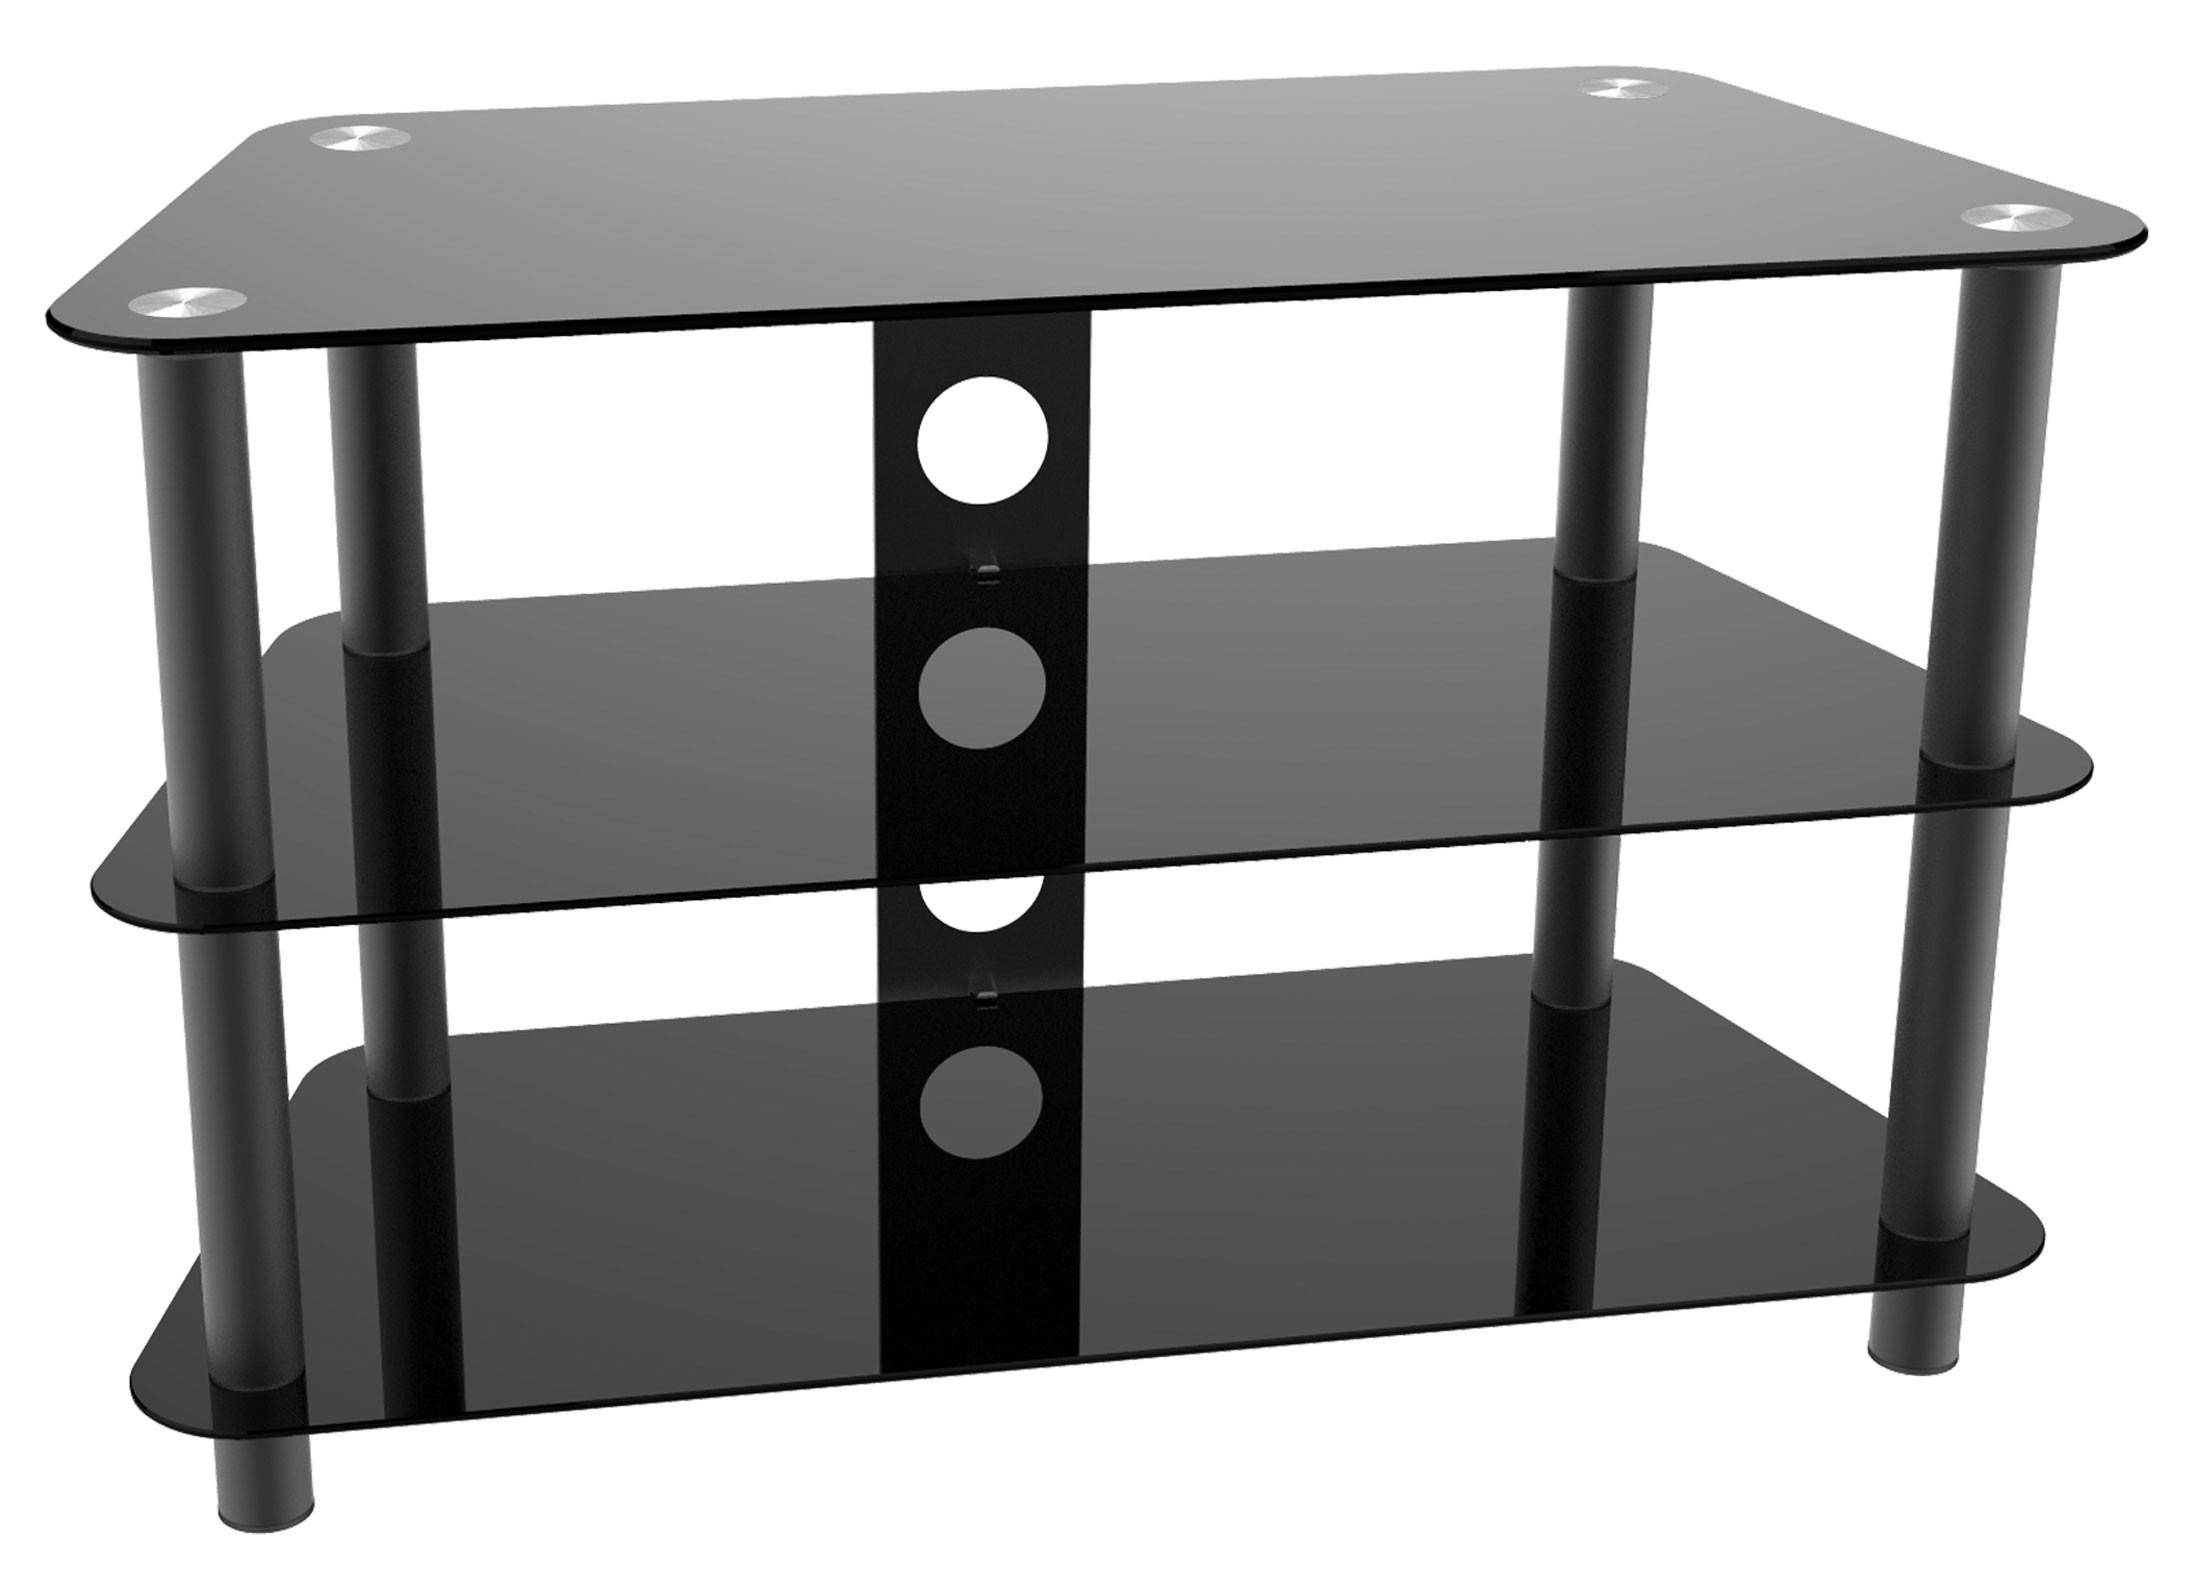 Künstlerisch Fernseher Tisch Beste Wahl Fernsehtisch Ft502 Universal Lcd Tv Stand Regal